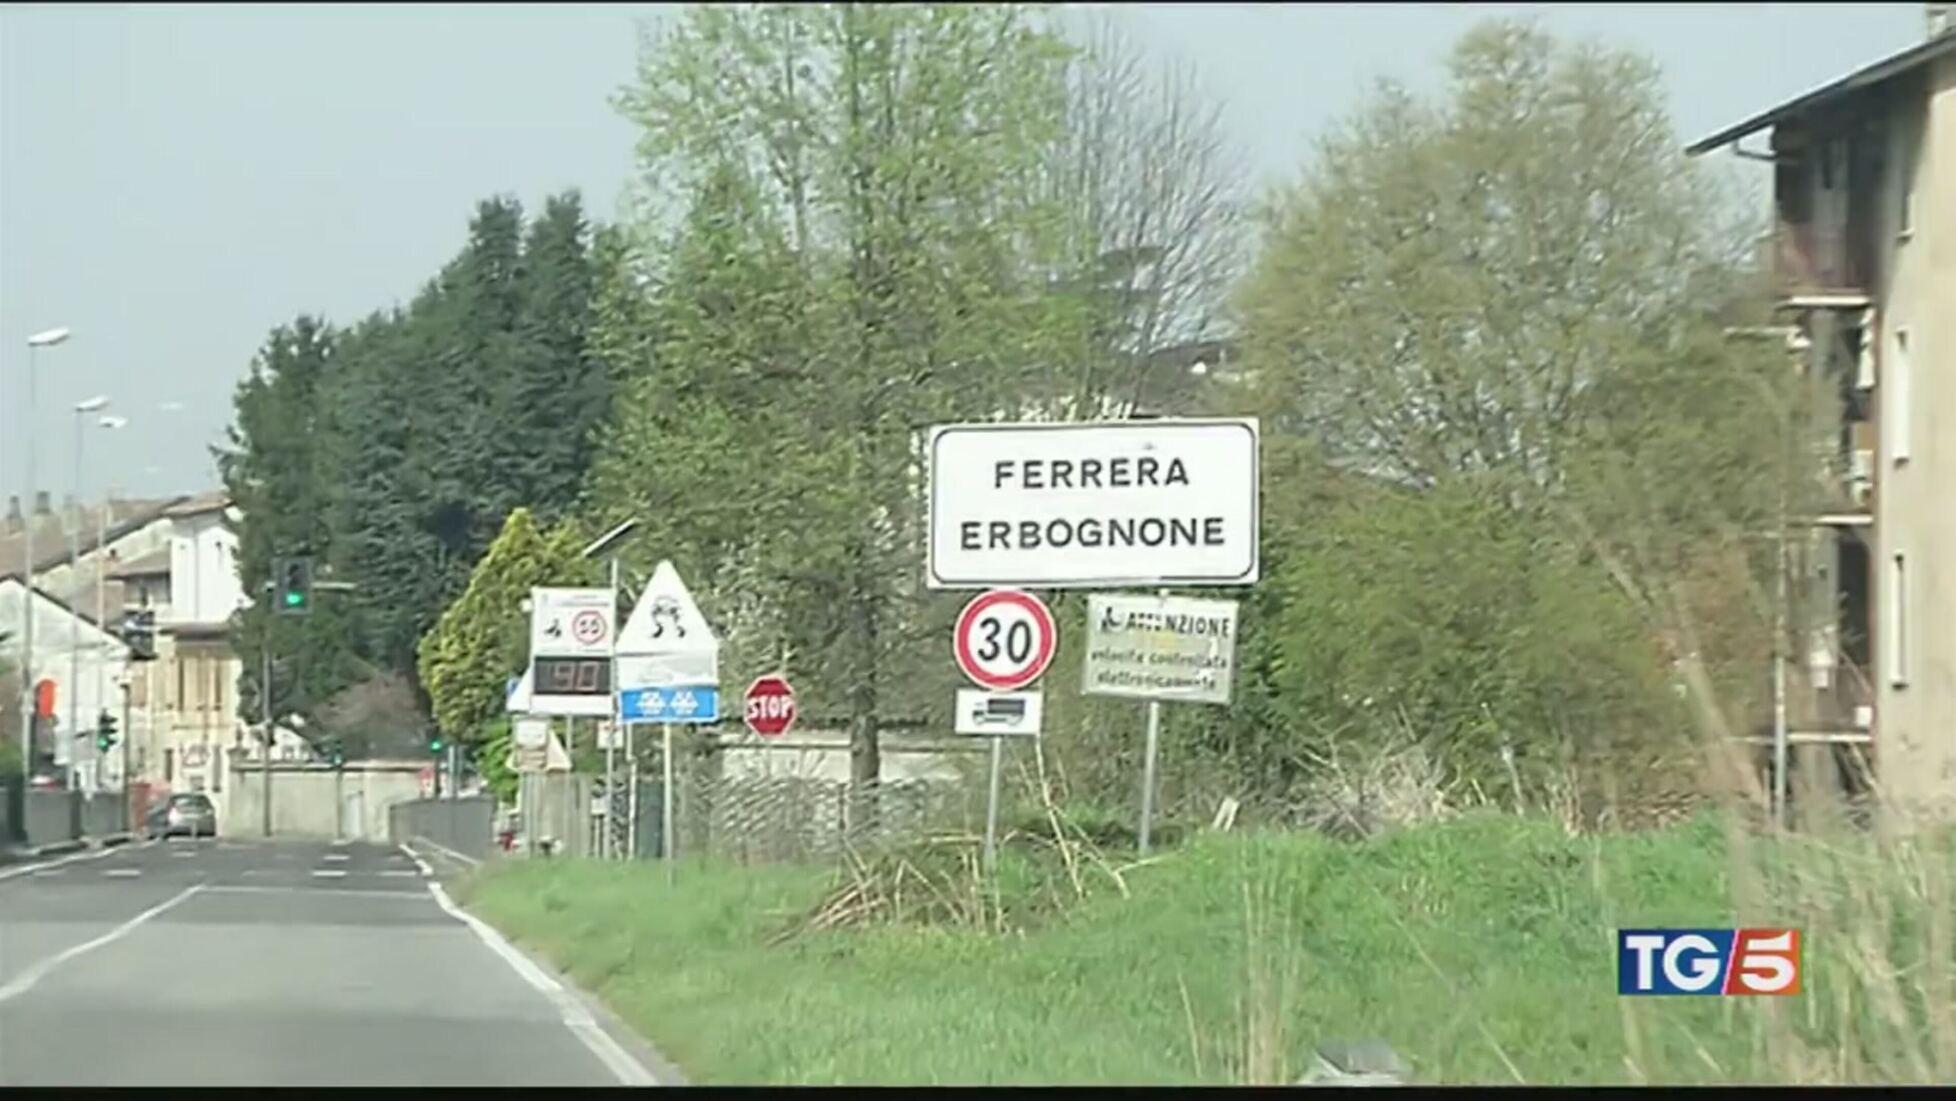 """Ferrera, il paese lombardo senza casi Covid. Il sindaco: """"Venite a studiarci"""". La Regione dice no"""